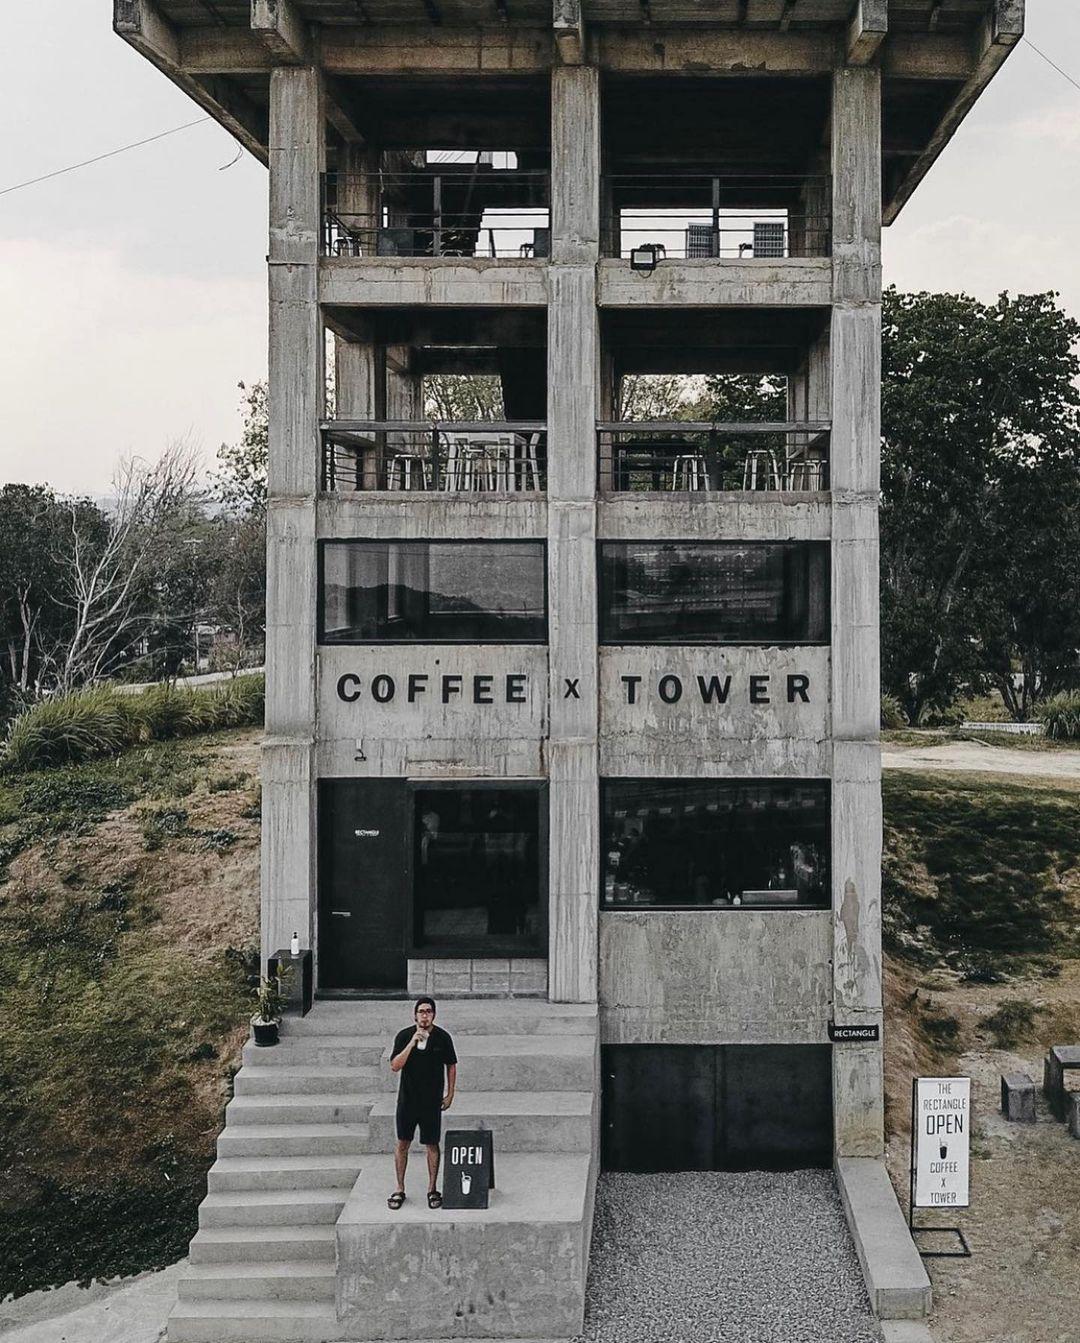 Quán cà phê được sơn và thiết kế với nhiều không gian mở sao cho giống một ngôi nhà hoang nhất. Ảnh: @mas_fotokopi/Instagram